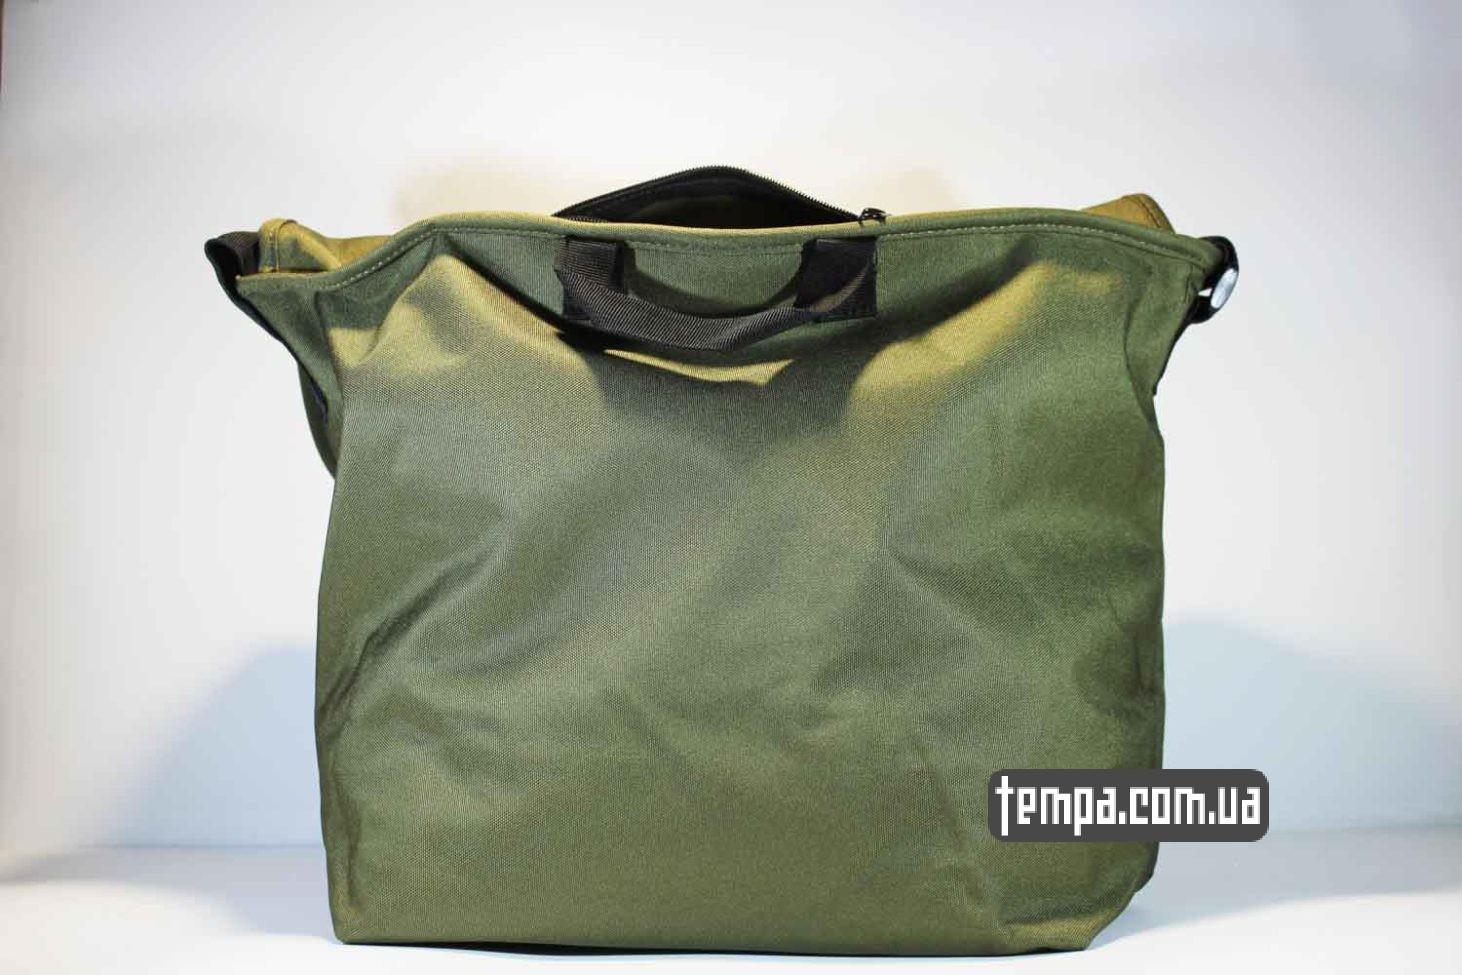 carhartt портфель сумка через плечо carhartt зеленая купить Украина